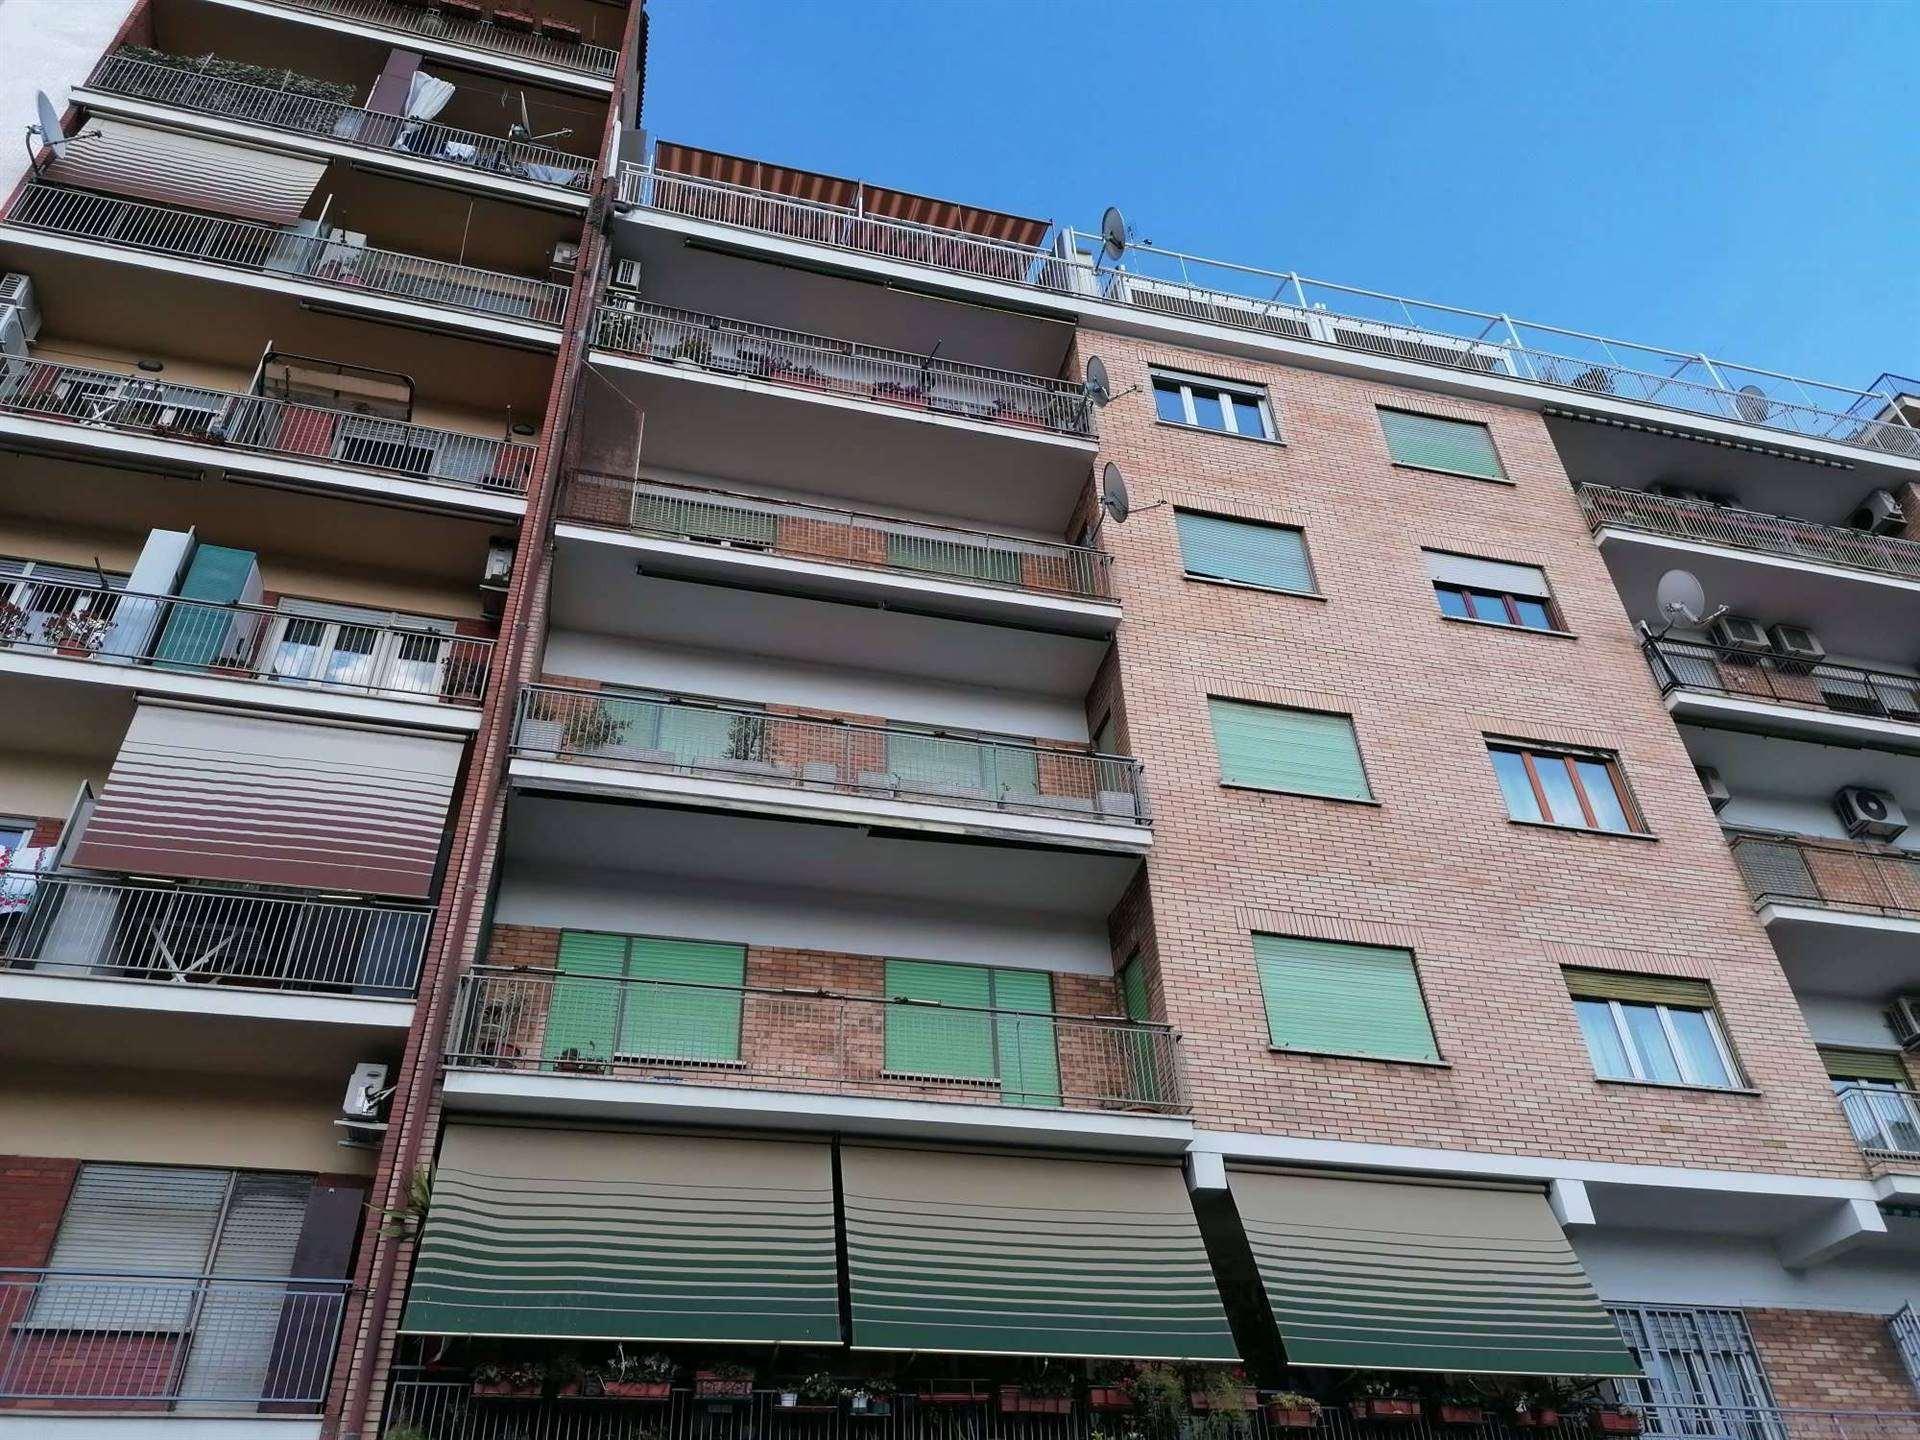 OSTIENSE, ROMA, precisamente all'inizio di via Laurentina a 300 metri dalla METRO MARCONI proponiamo 3 ampie stanze arredate in appartamento di circa